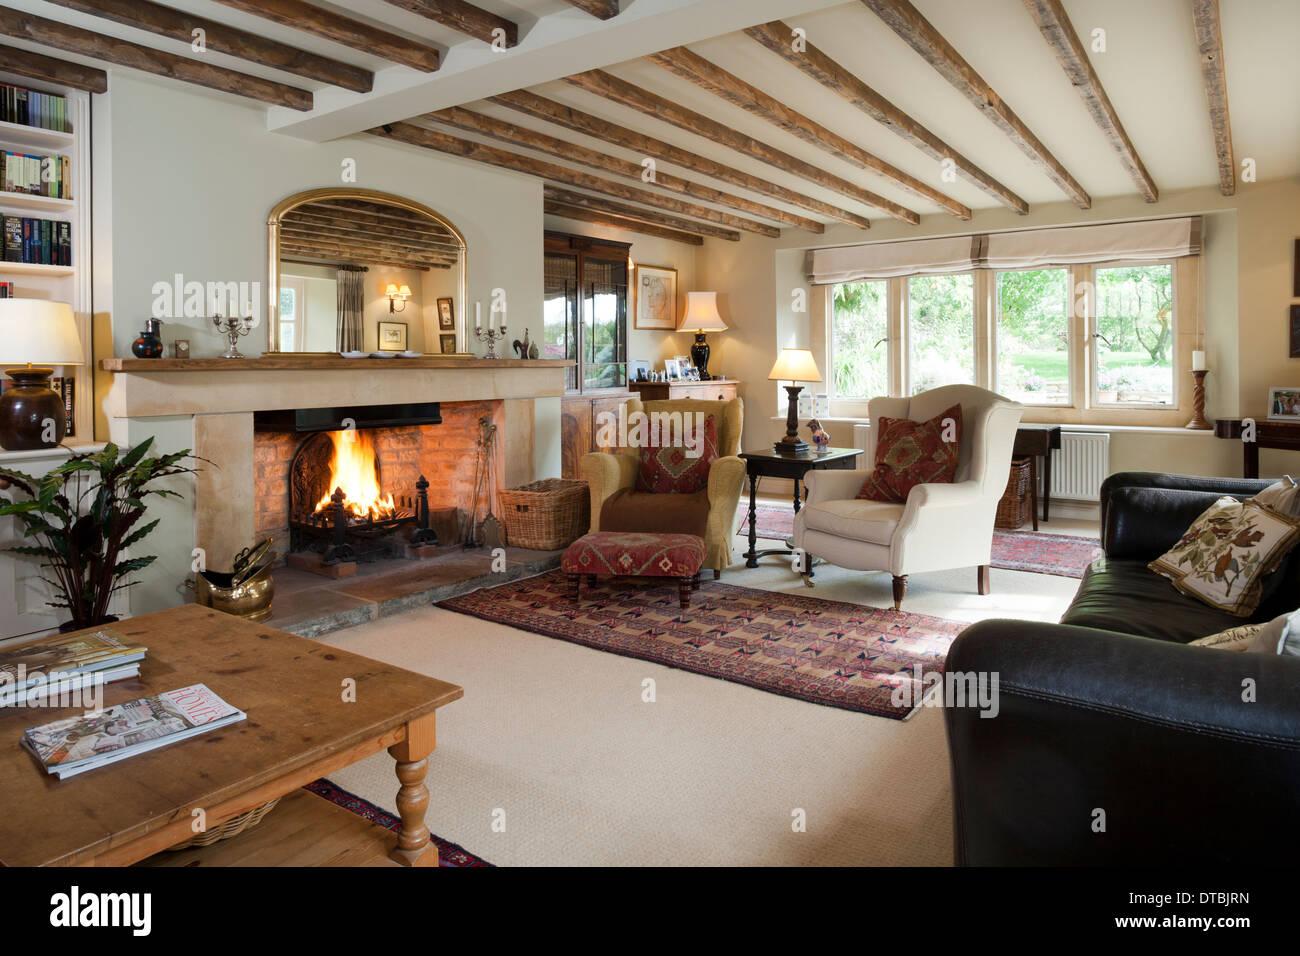 Traditionell Eingerichtete Zeitraum Home Balkendecke Wohnzimmer